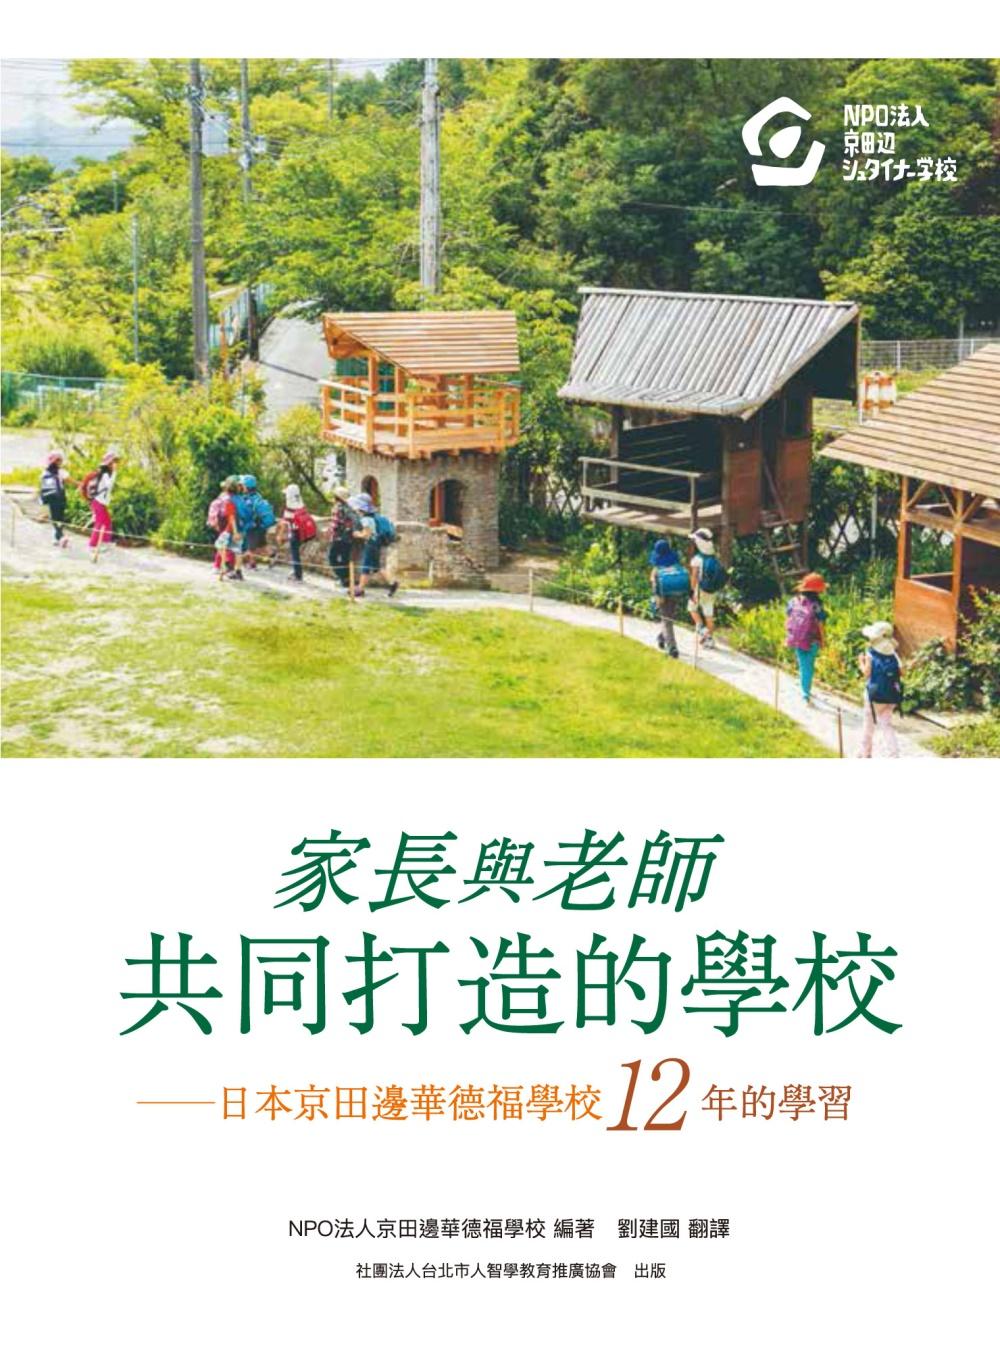 家長與老師共同打造的學校:日本京田邊華德福學校12年的學習